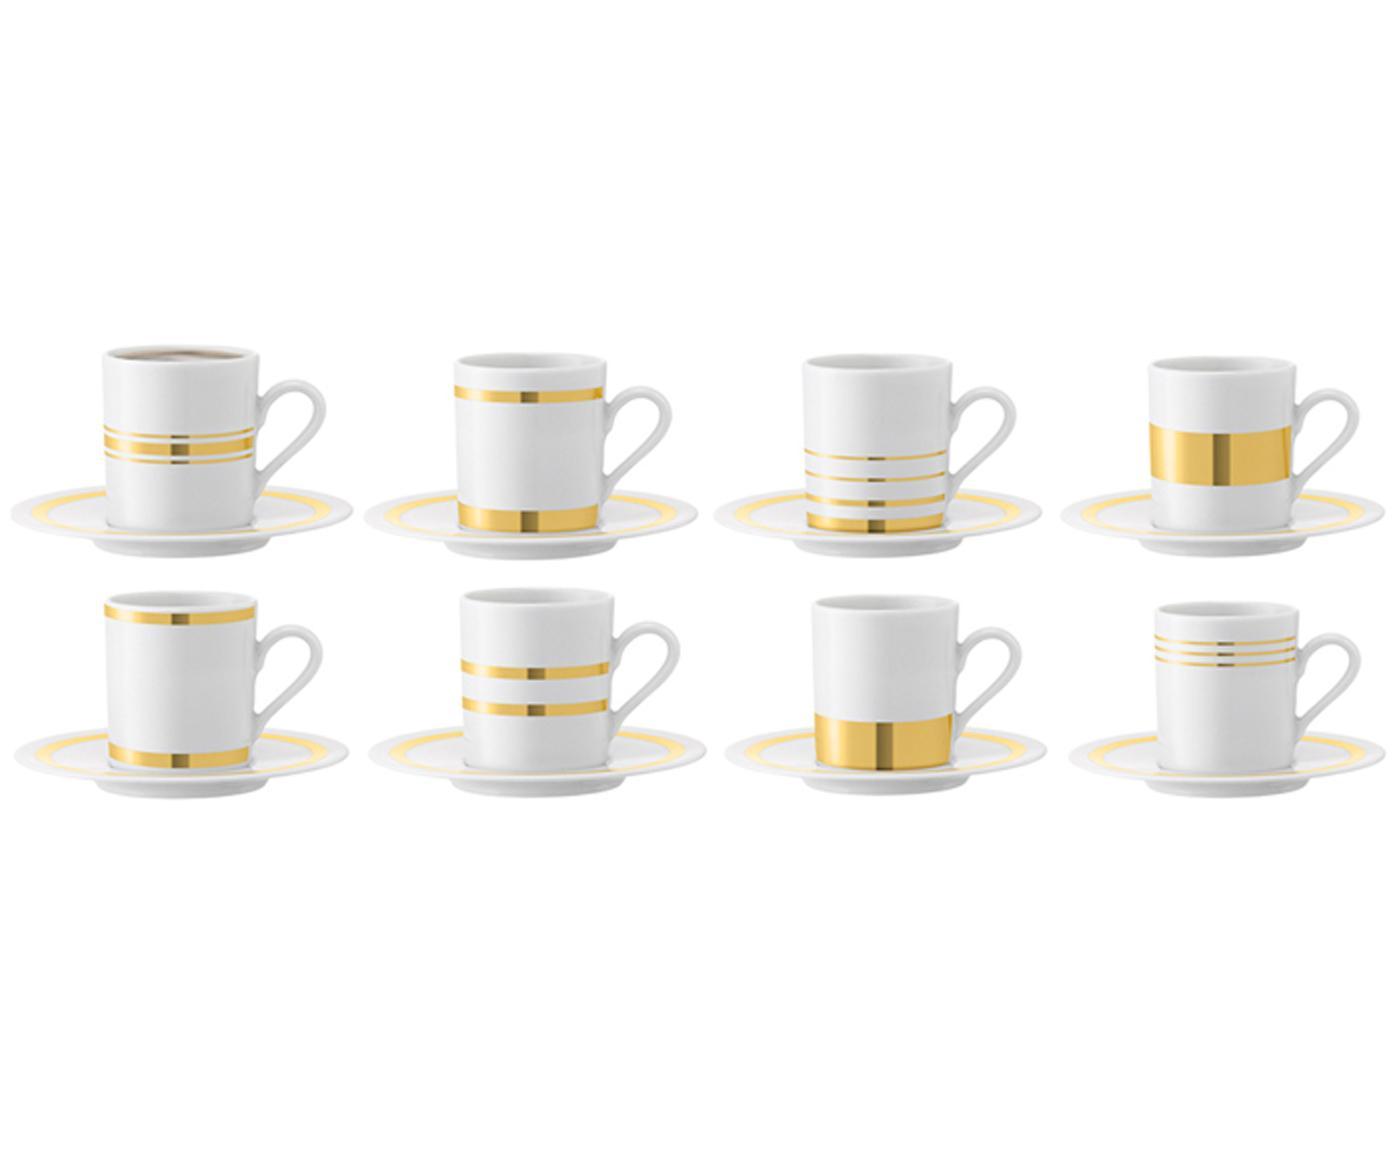 Set 8 tazzine caffè con piattino Deco, Porcellana, Bianco, dorato, Ø 7 x Alt. 7 cm